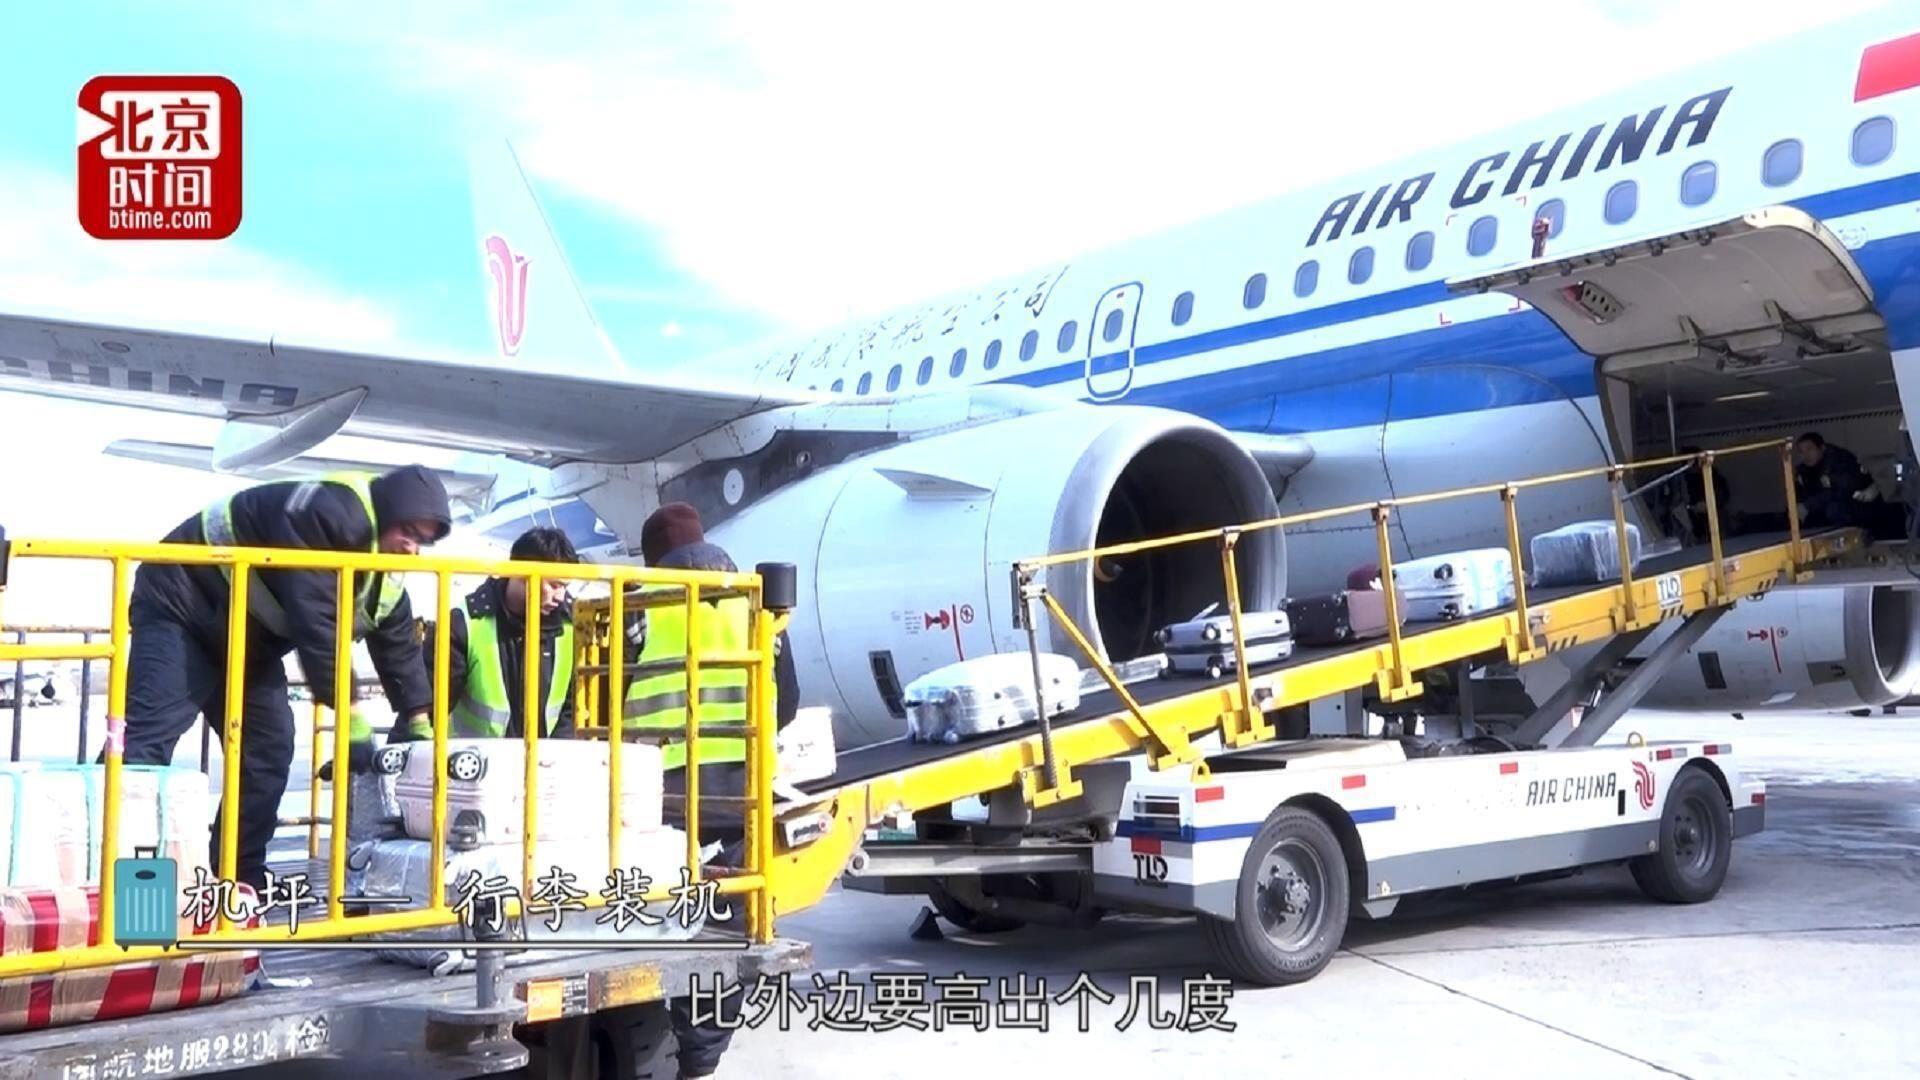 行李装卸工的春运:穿钢鞋每人每天搬12吨多